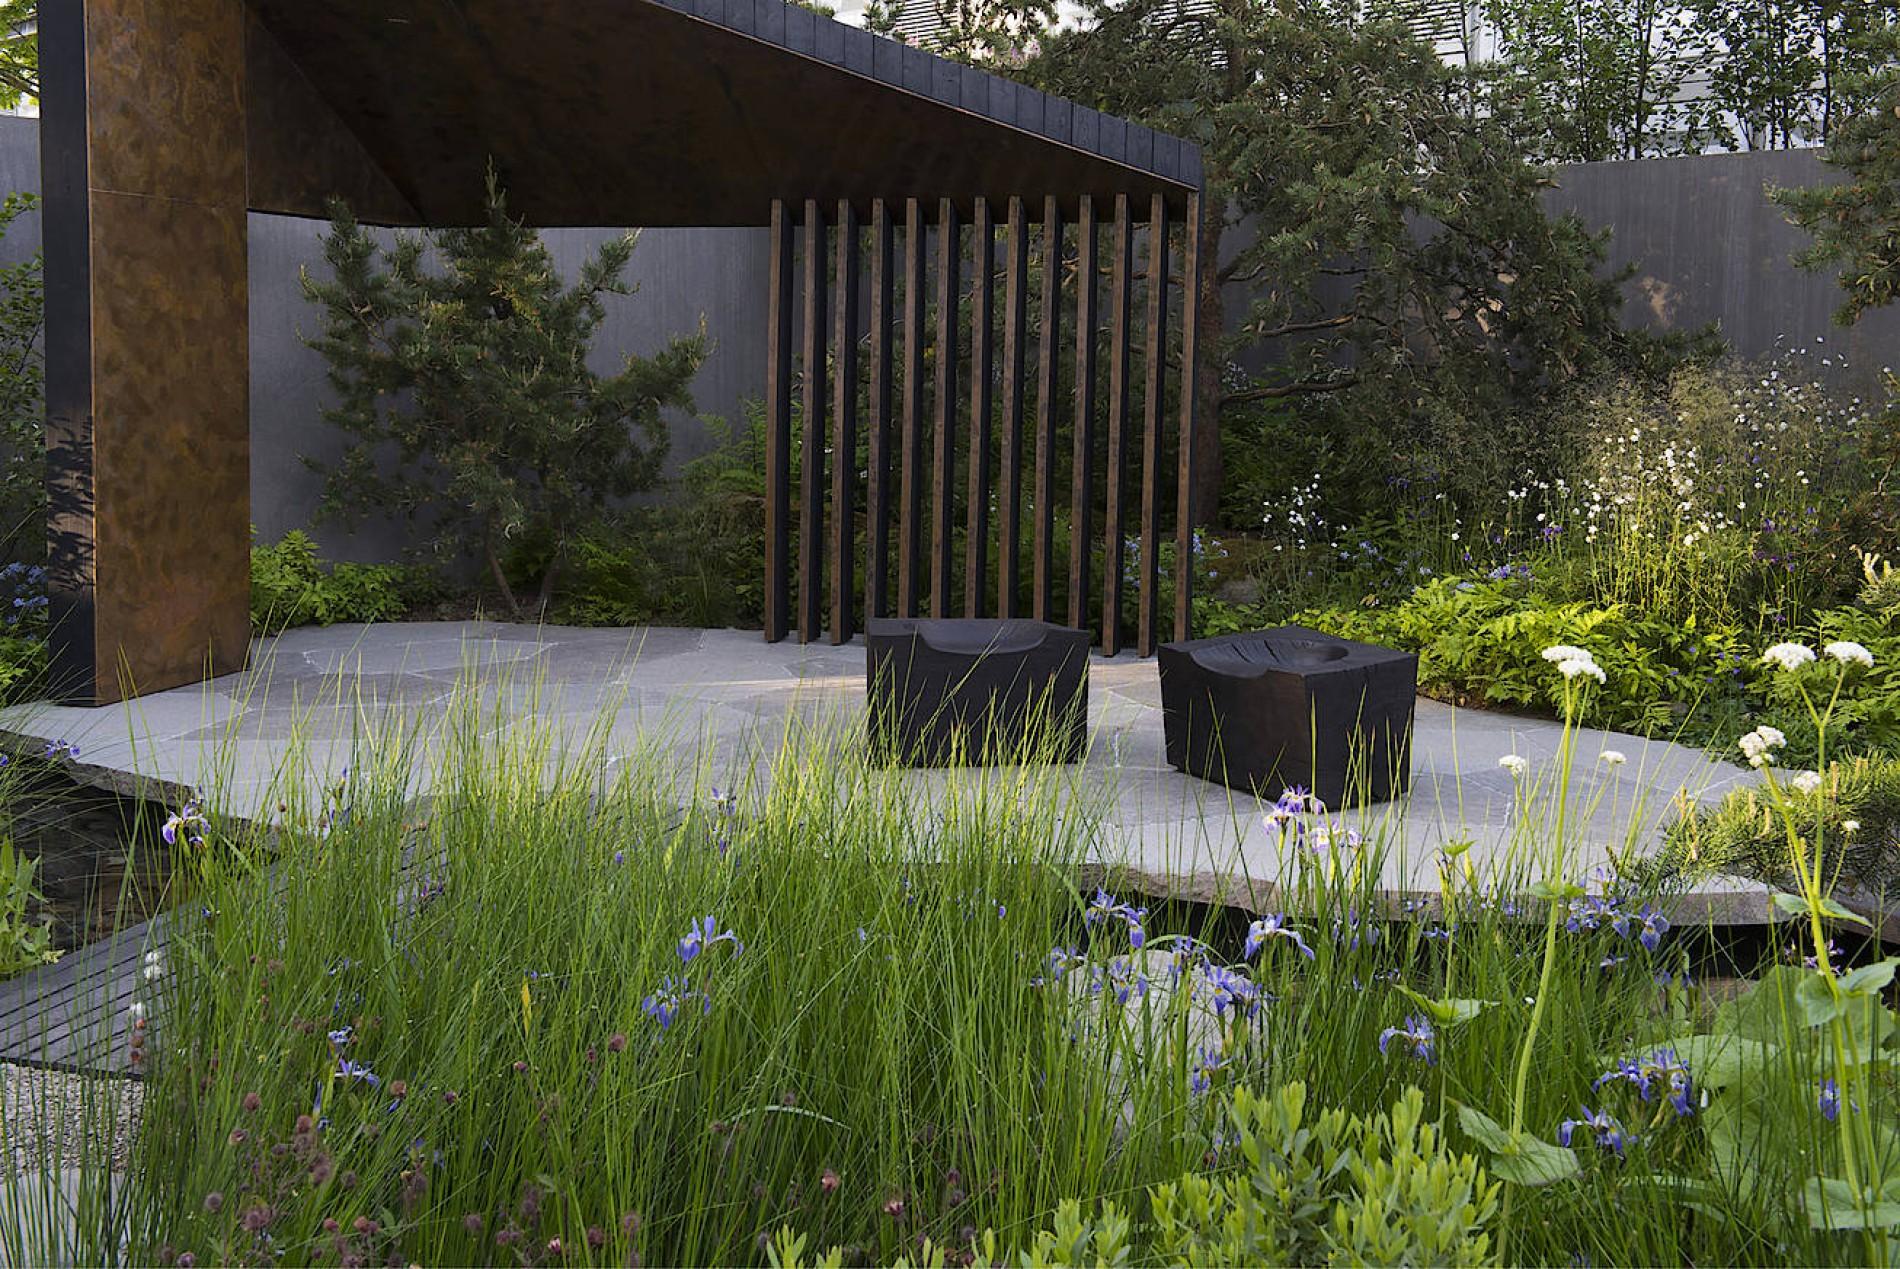 Gartendesign  Wohin die Trends im Gartendesign gehen